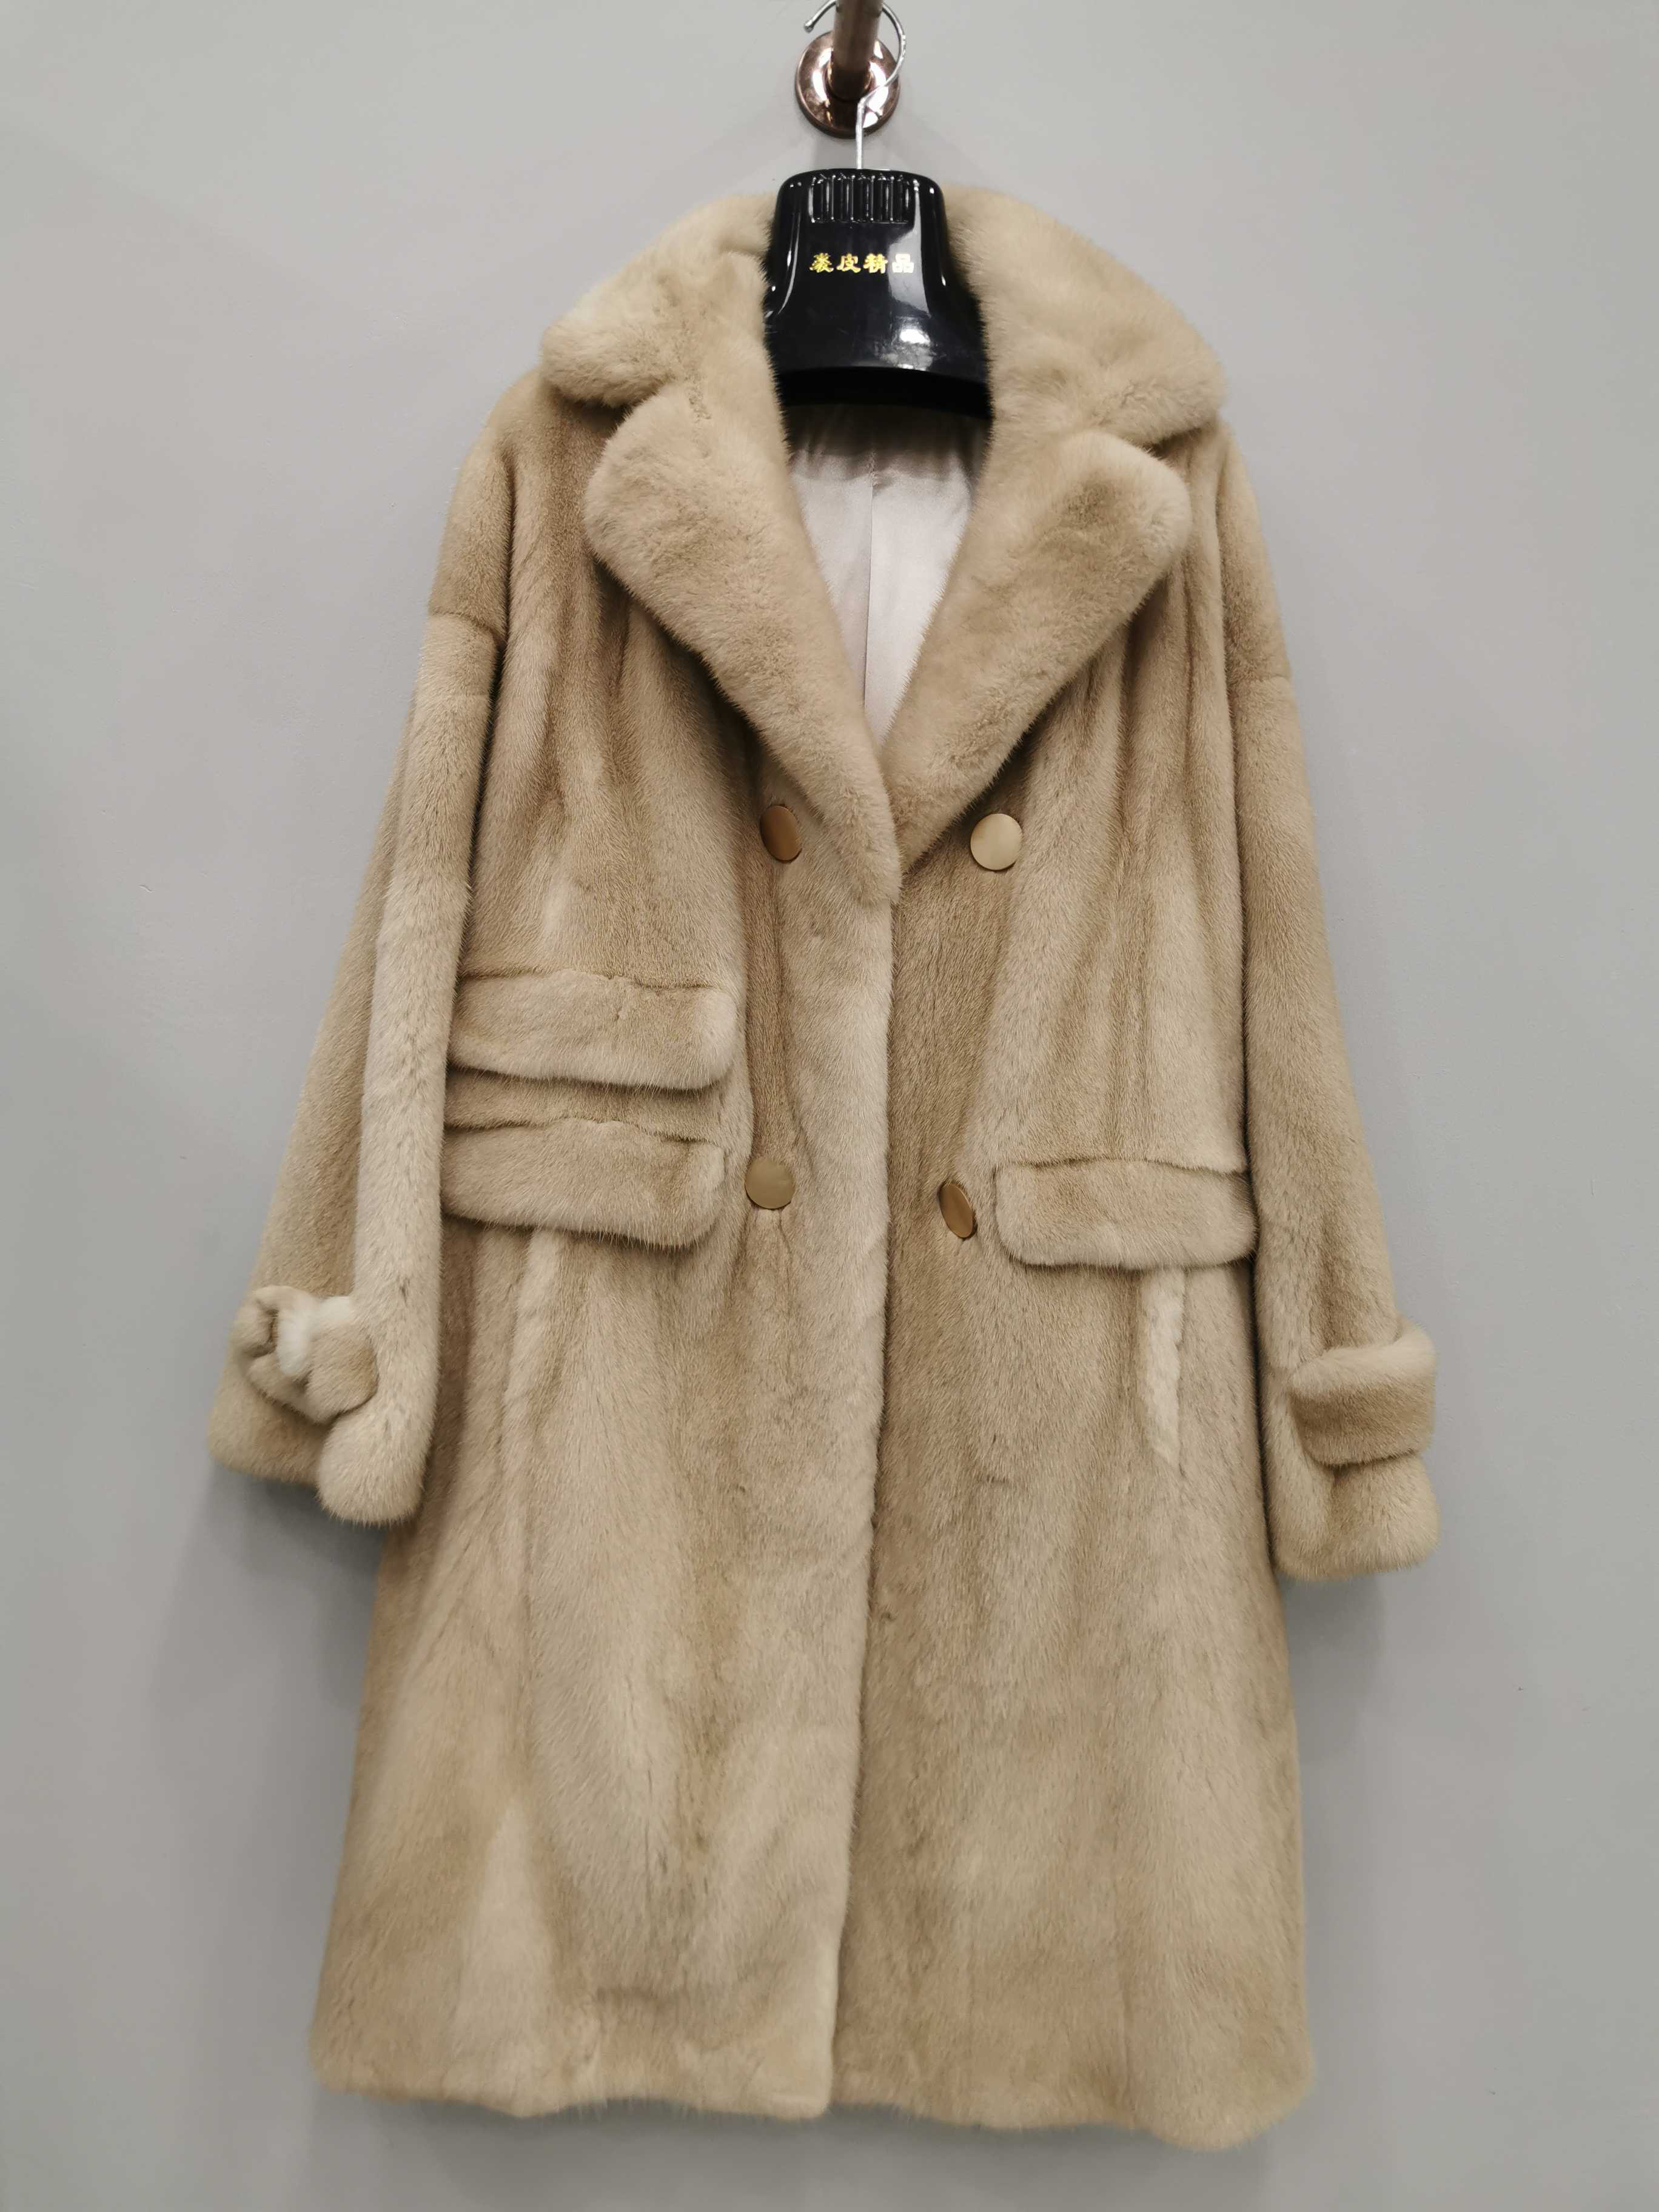 Danish crown velvet suit collar windbreaker long casual versatile womens mink fur coat